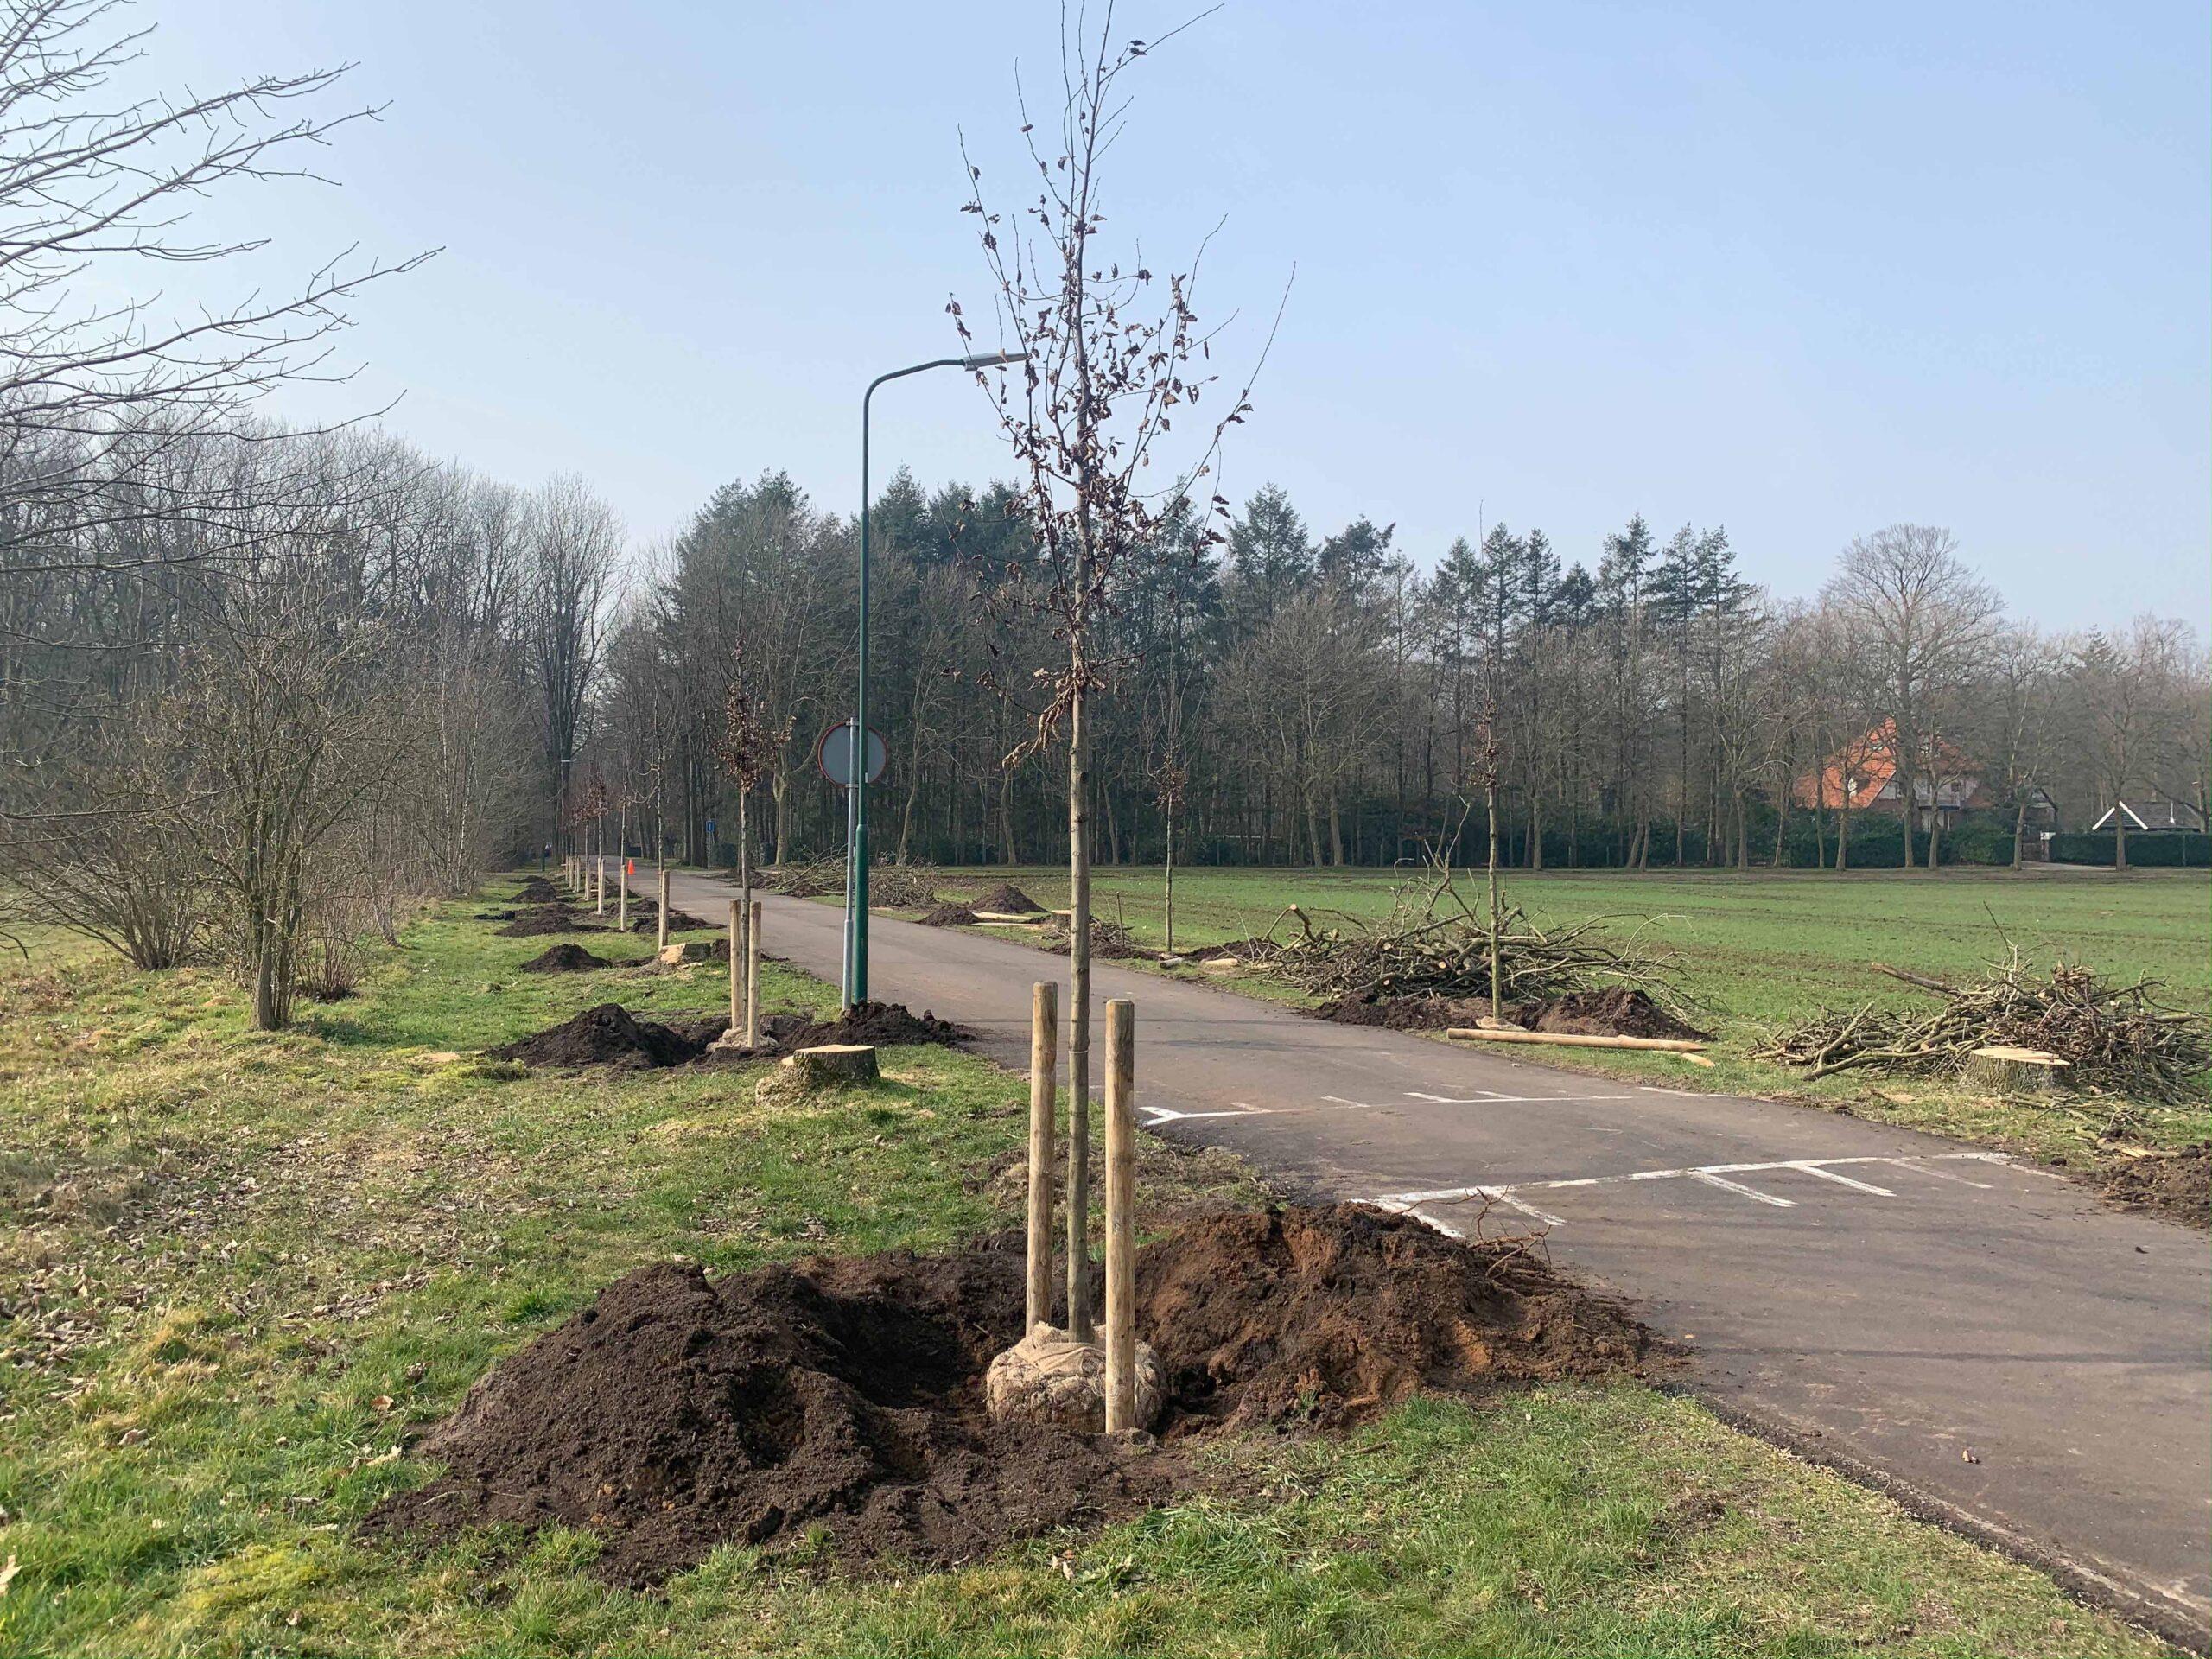 Hoefakker Boomspecialisten Planten 22 bomen Pluryn Maarsbergen